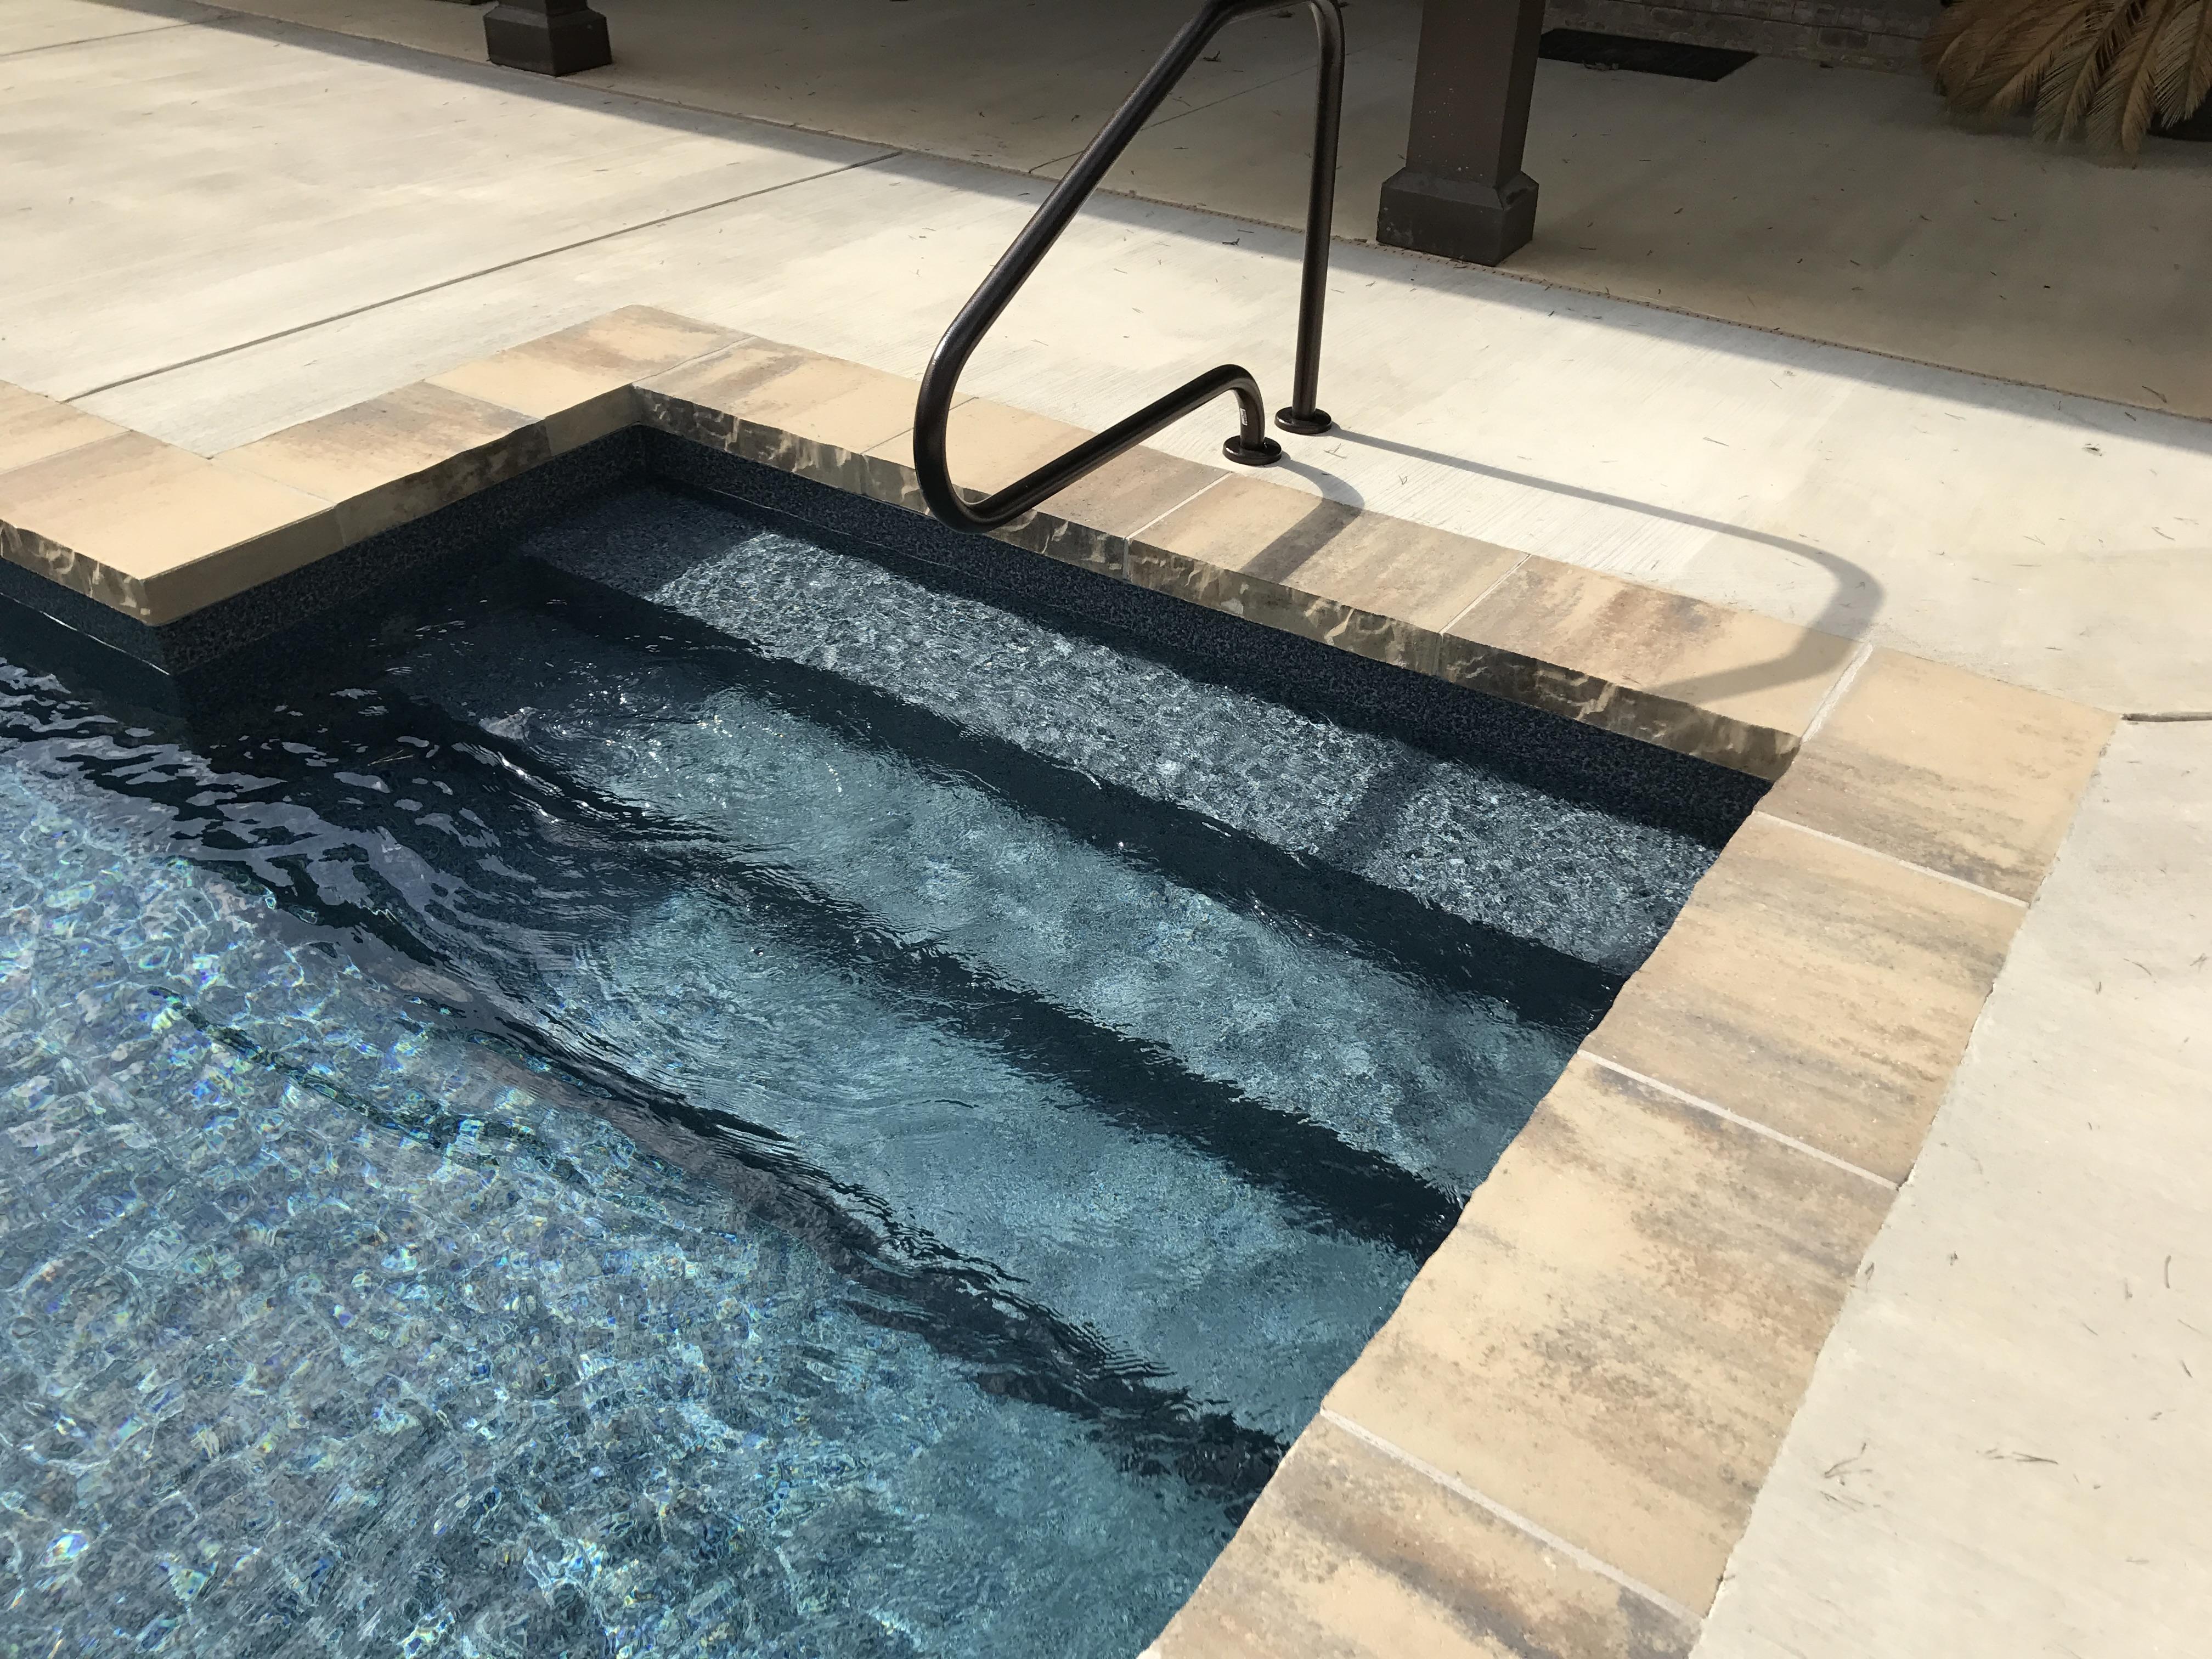 Large Block Pool Coping